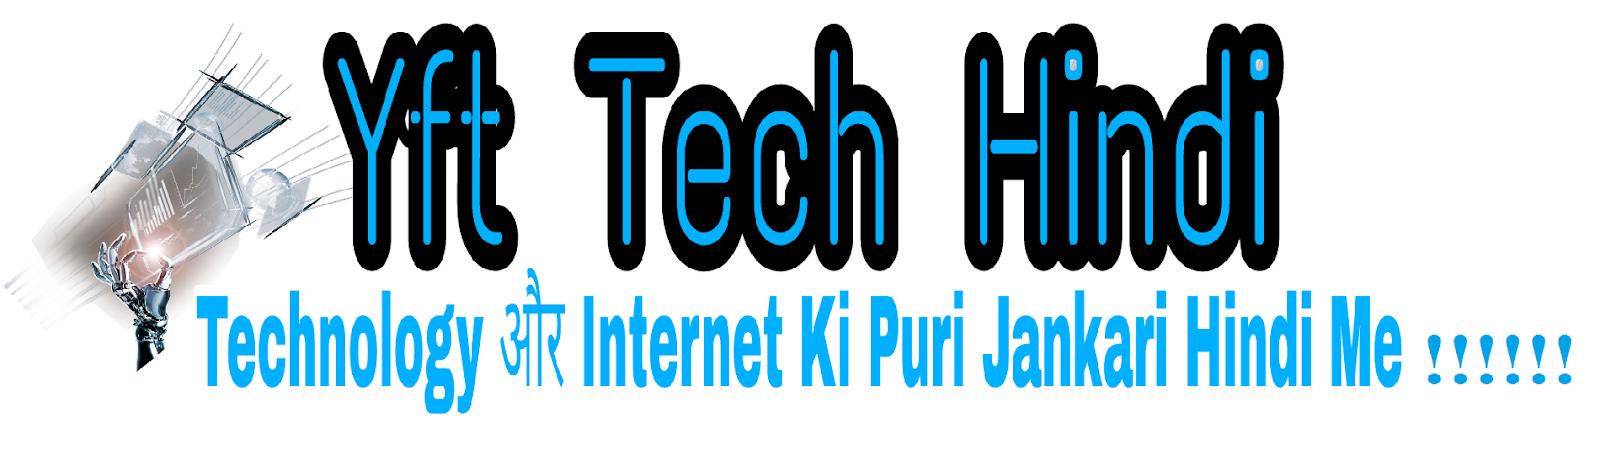 YFT Tech Hindi